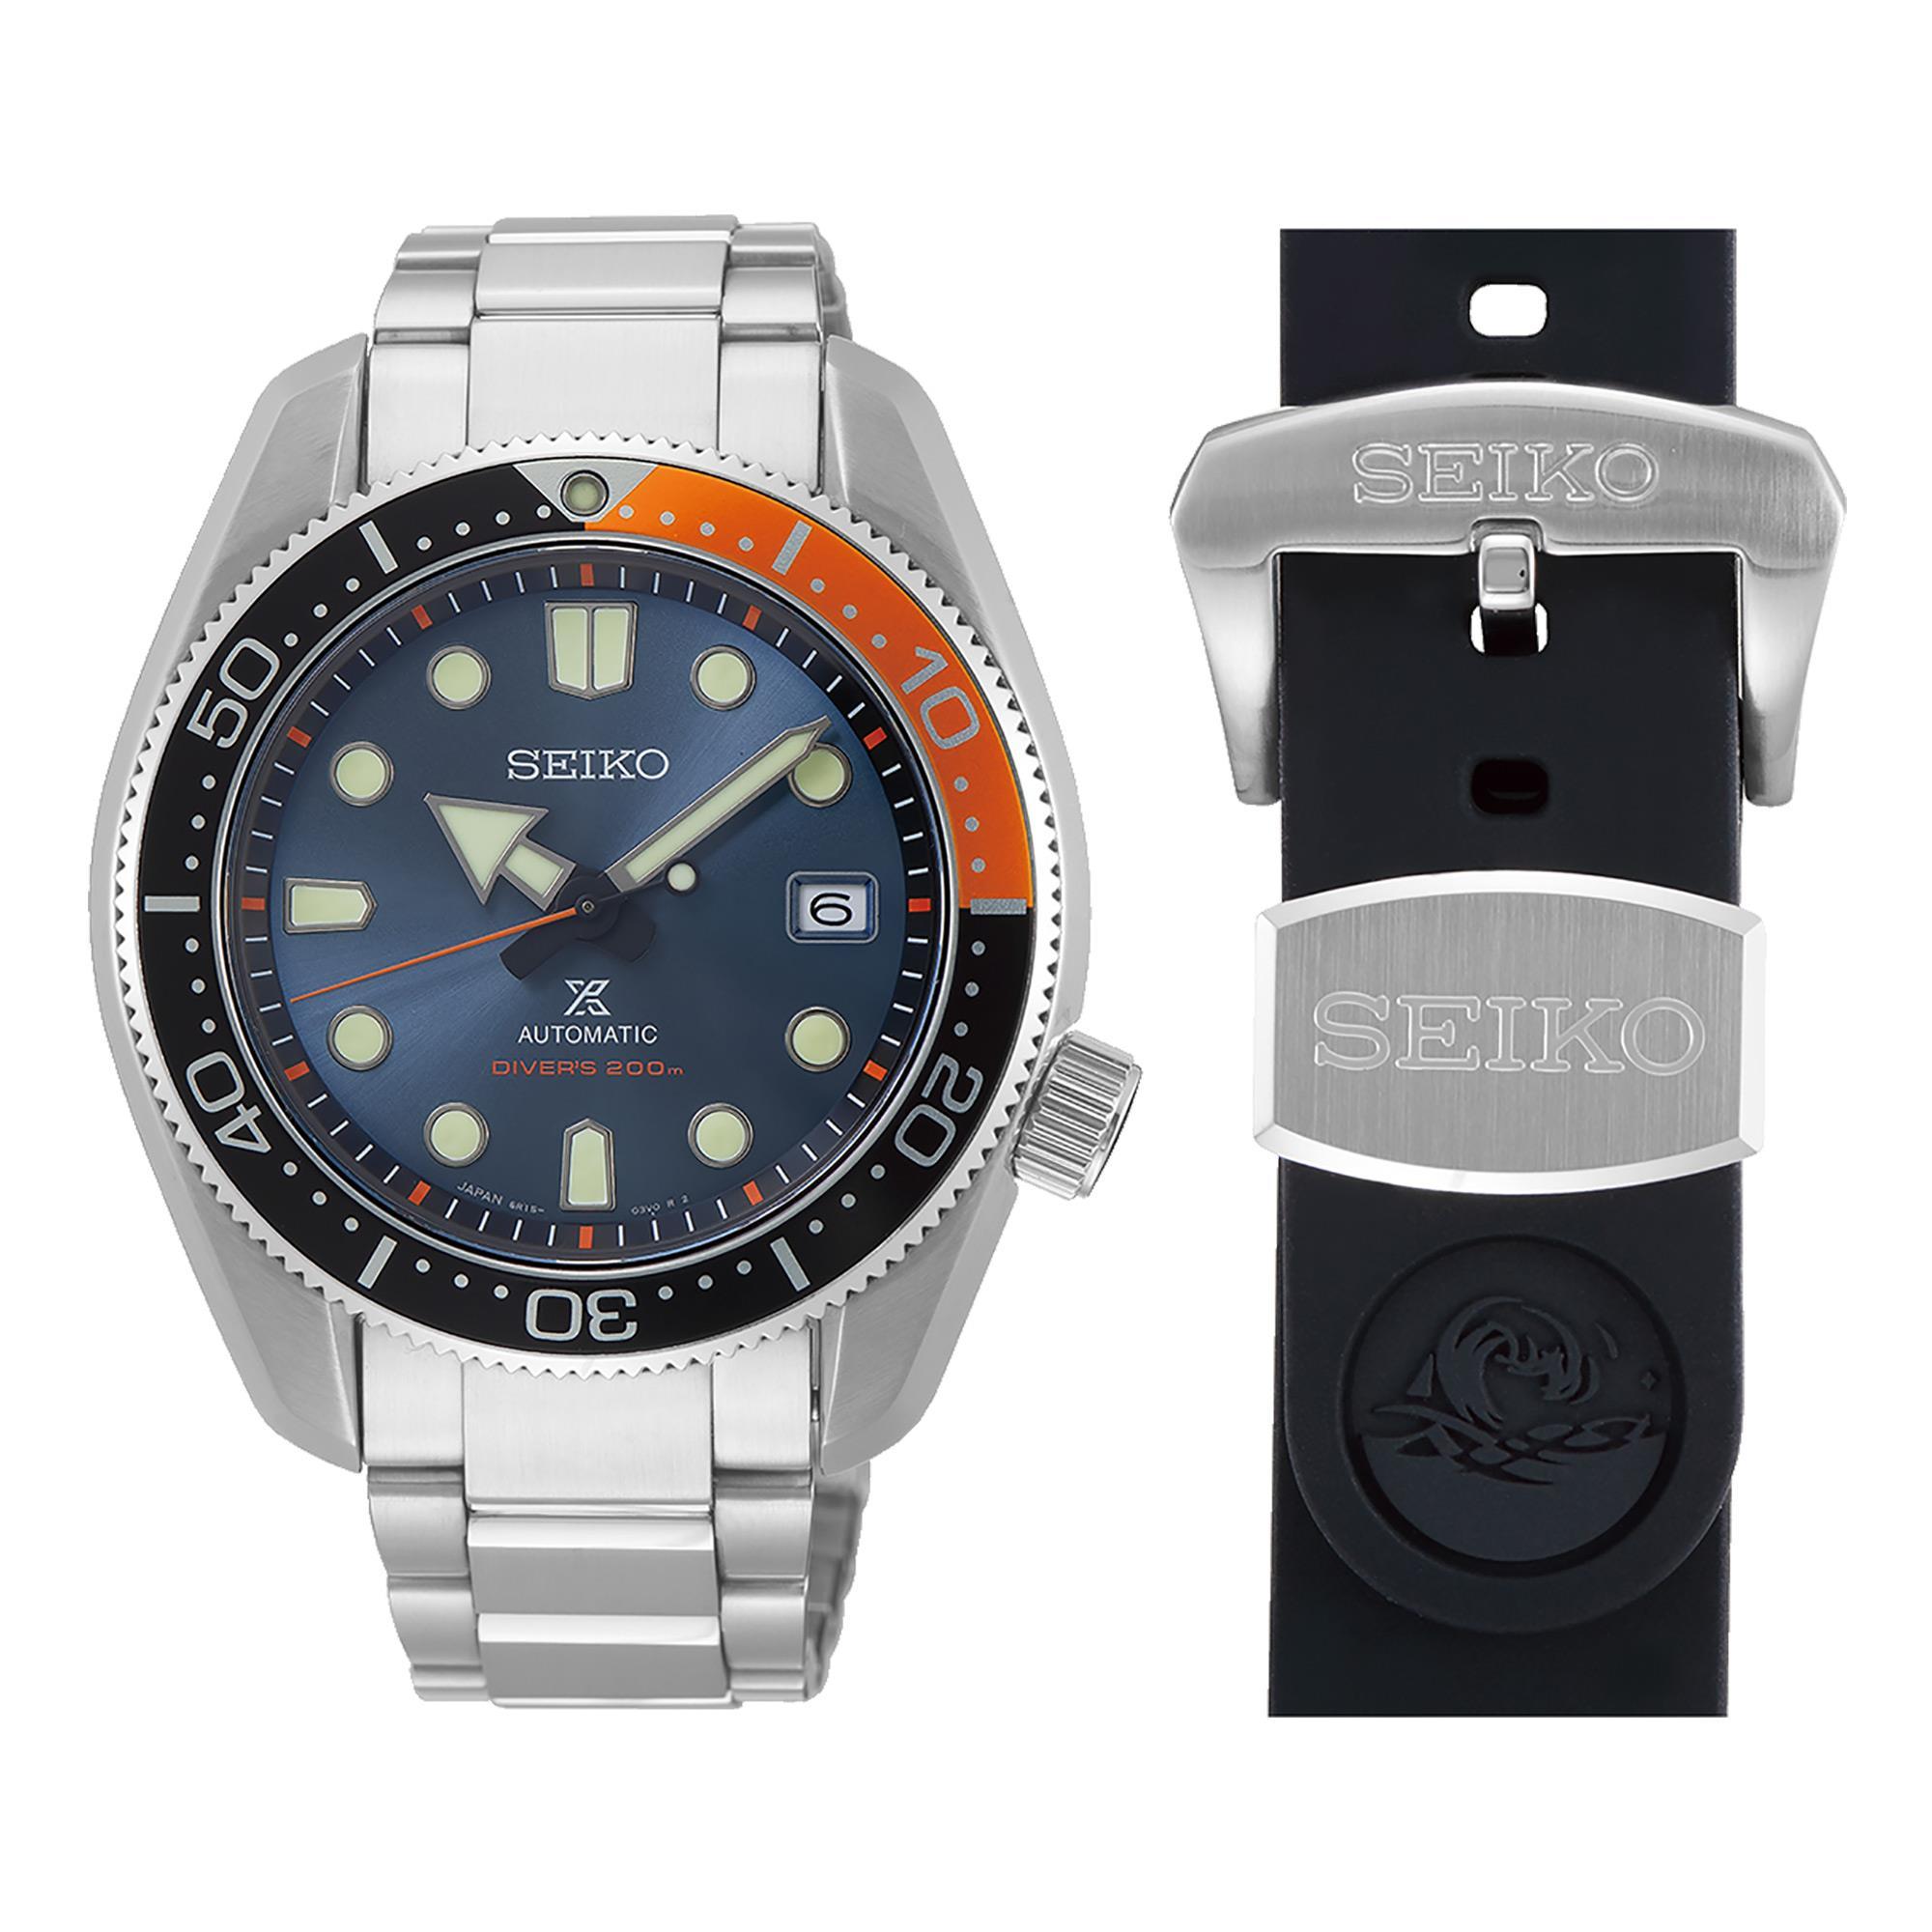 Orologio Prospex Diver's Automatico Uomo Acciaio - SEIKO